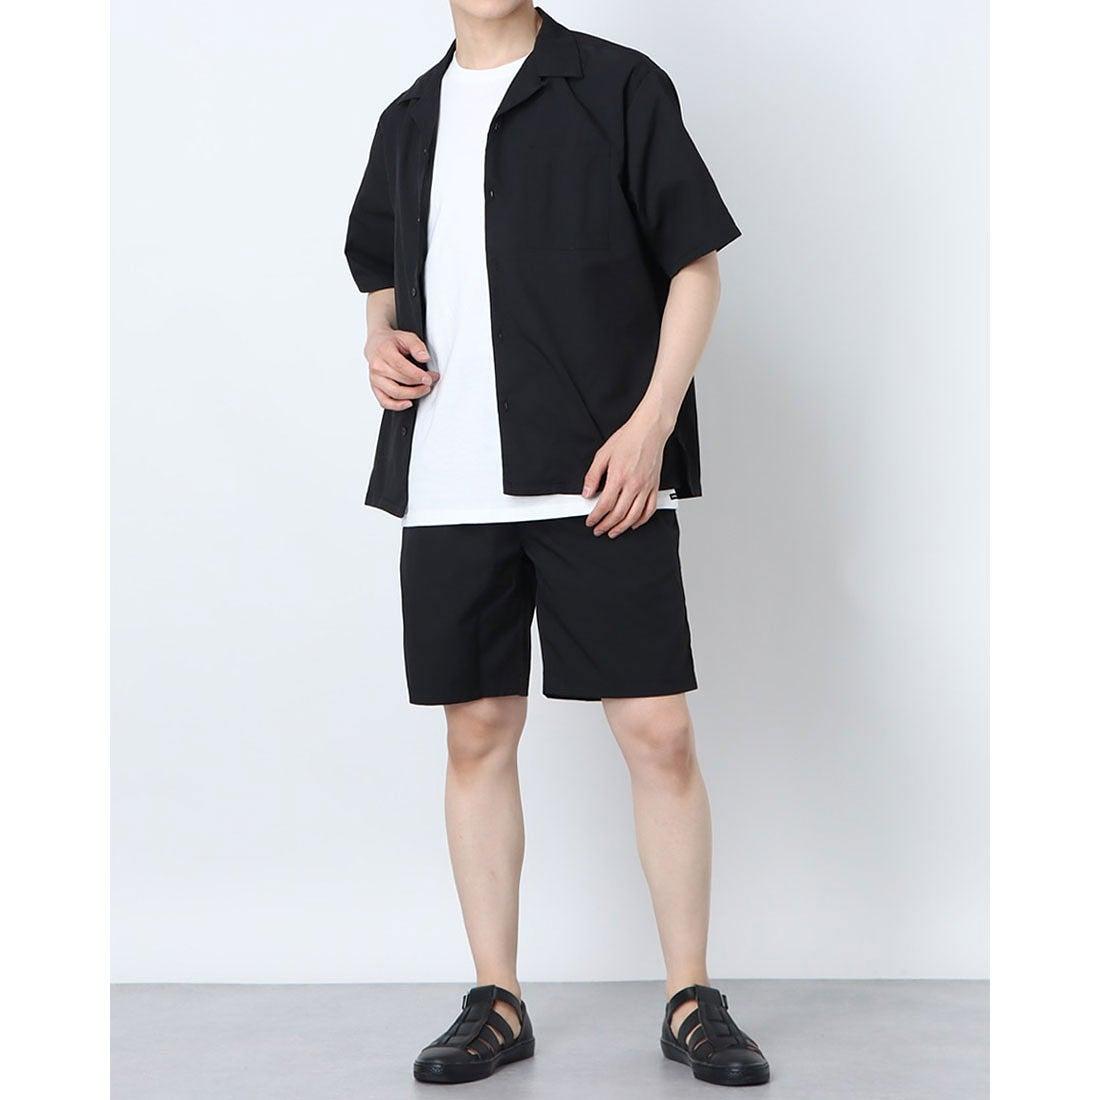 ロコンド 靴とファッションの通販サイトスタイルブロック STYLEBLOCK 3点セット半袖セットアップ (ブラック)